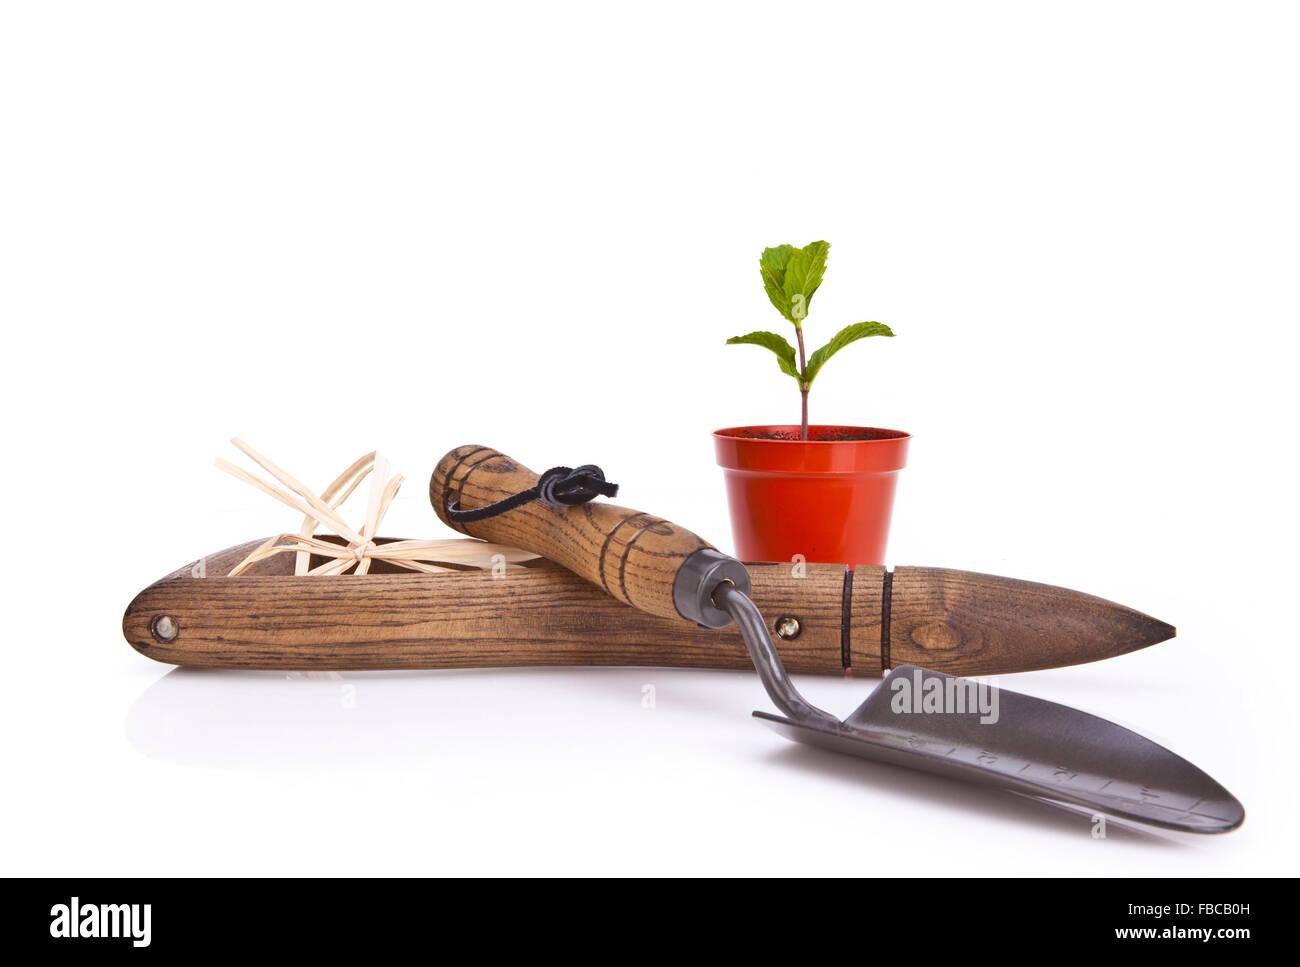 Herramientas de jardinería y la maceta sobre fondo blanco. Foto de stock